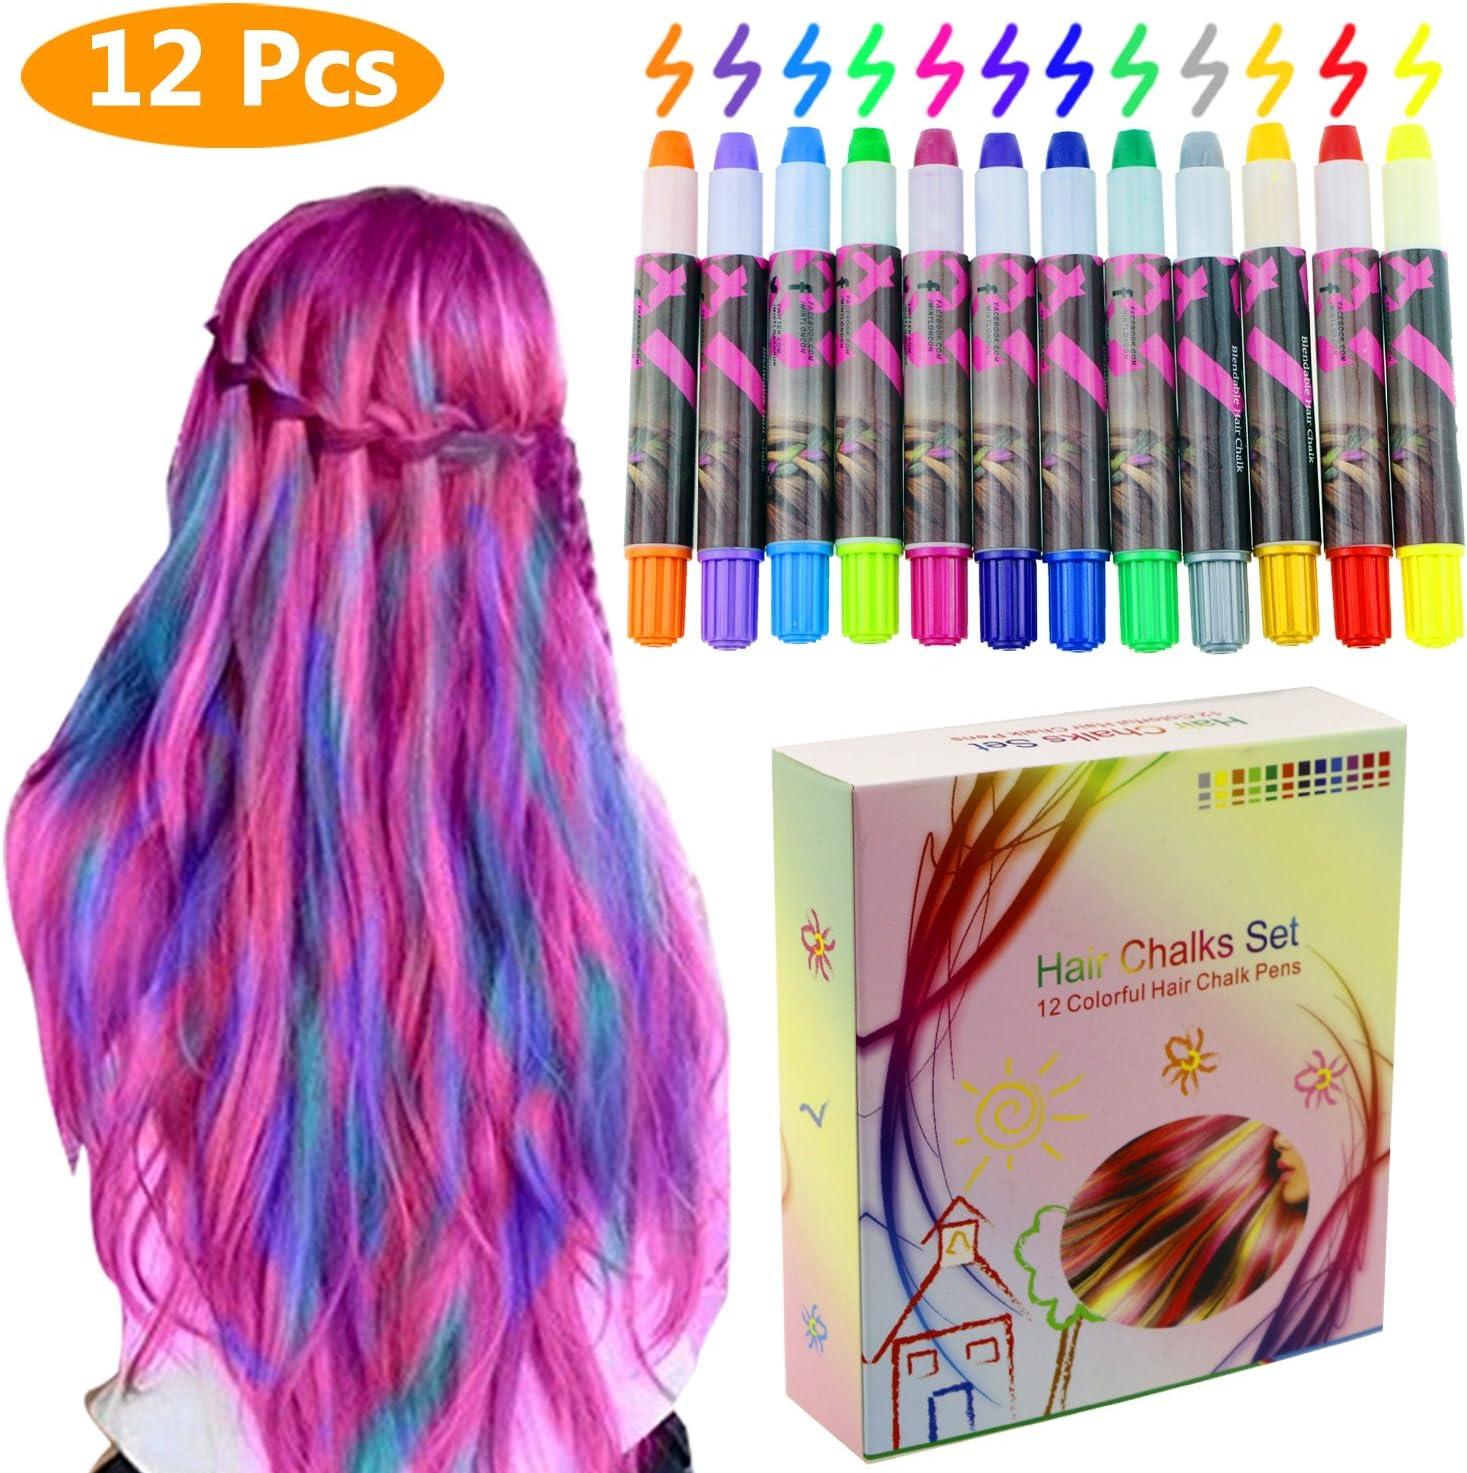 Philonext Plumas de Tiza Coloridas cerosas Profesionales del Pelo Color de Pelo Temporal no tóxico del Brillo de Las Plumas de Tiza (12 Colors)